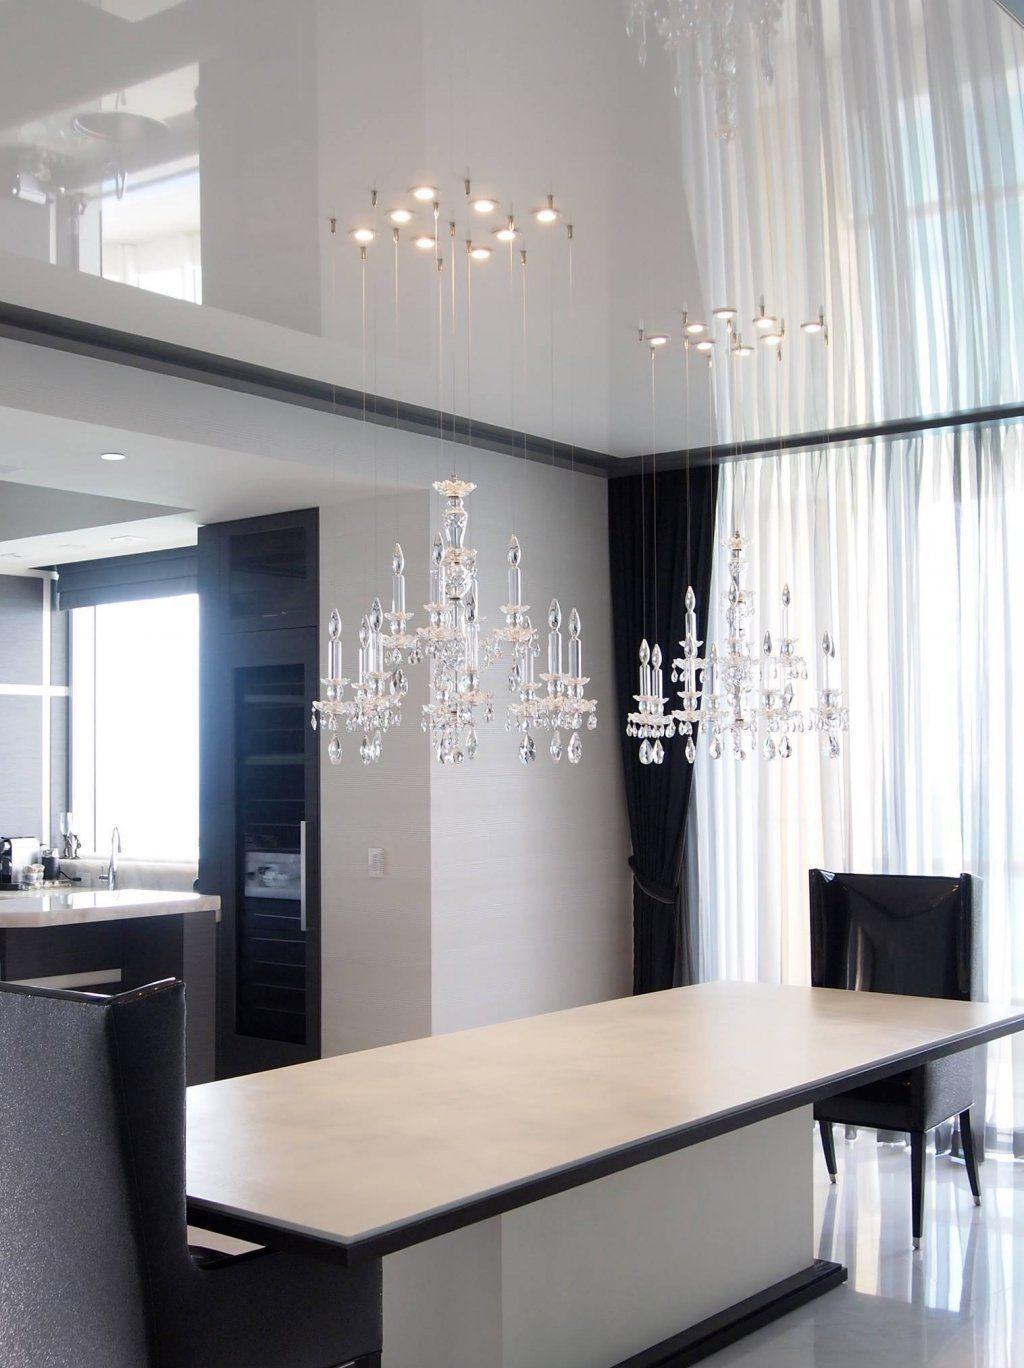 Две люстры и точечные светильники в неоклассическом интерьере кухни